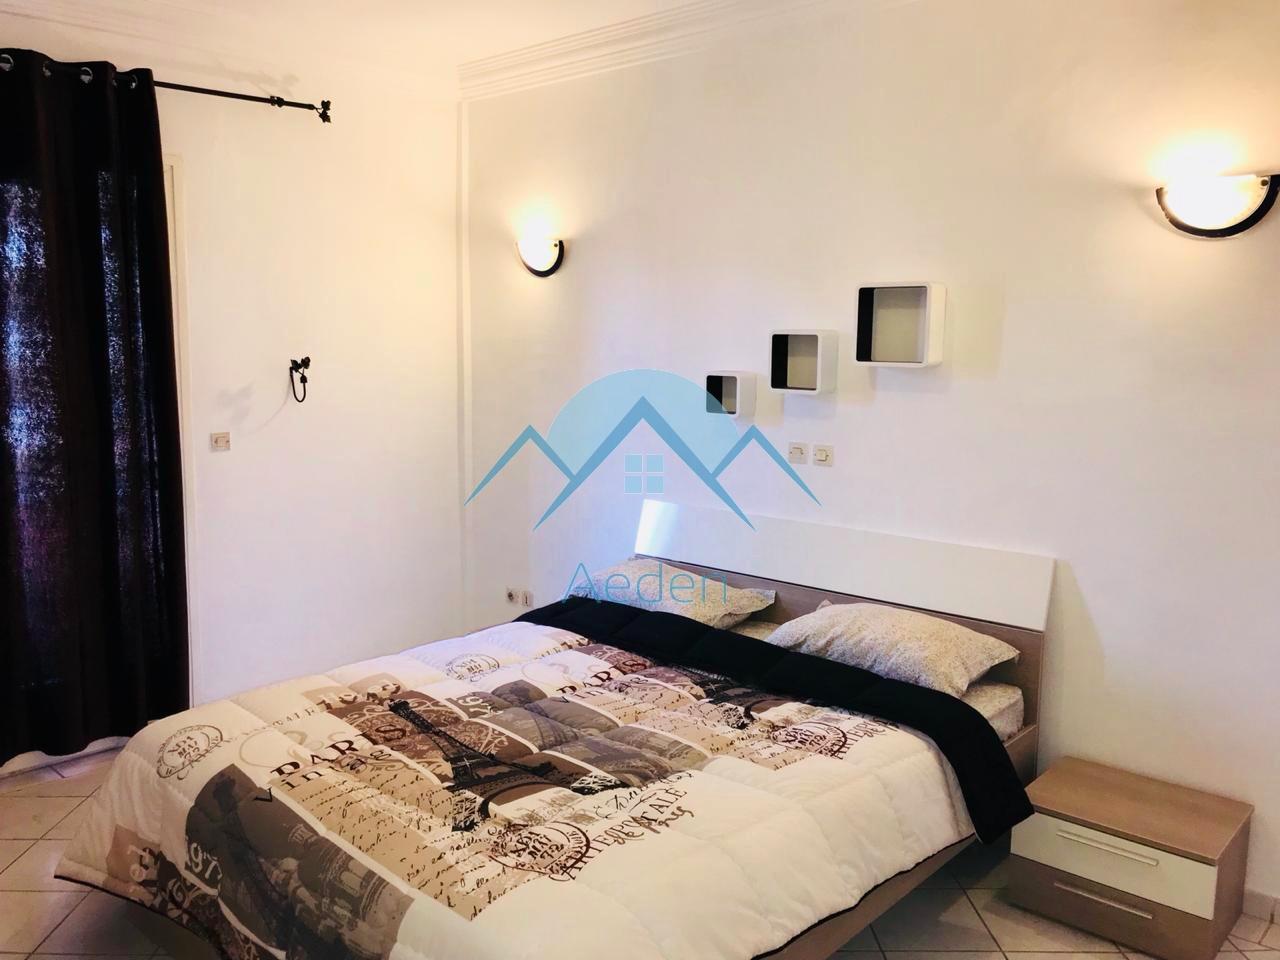 Marrakech-Gueliz, Appartement spacieux à louer